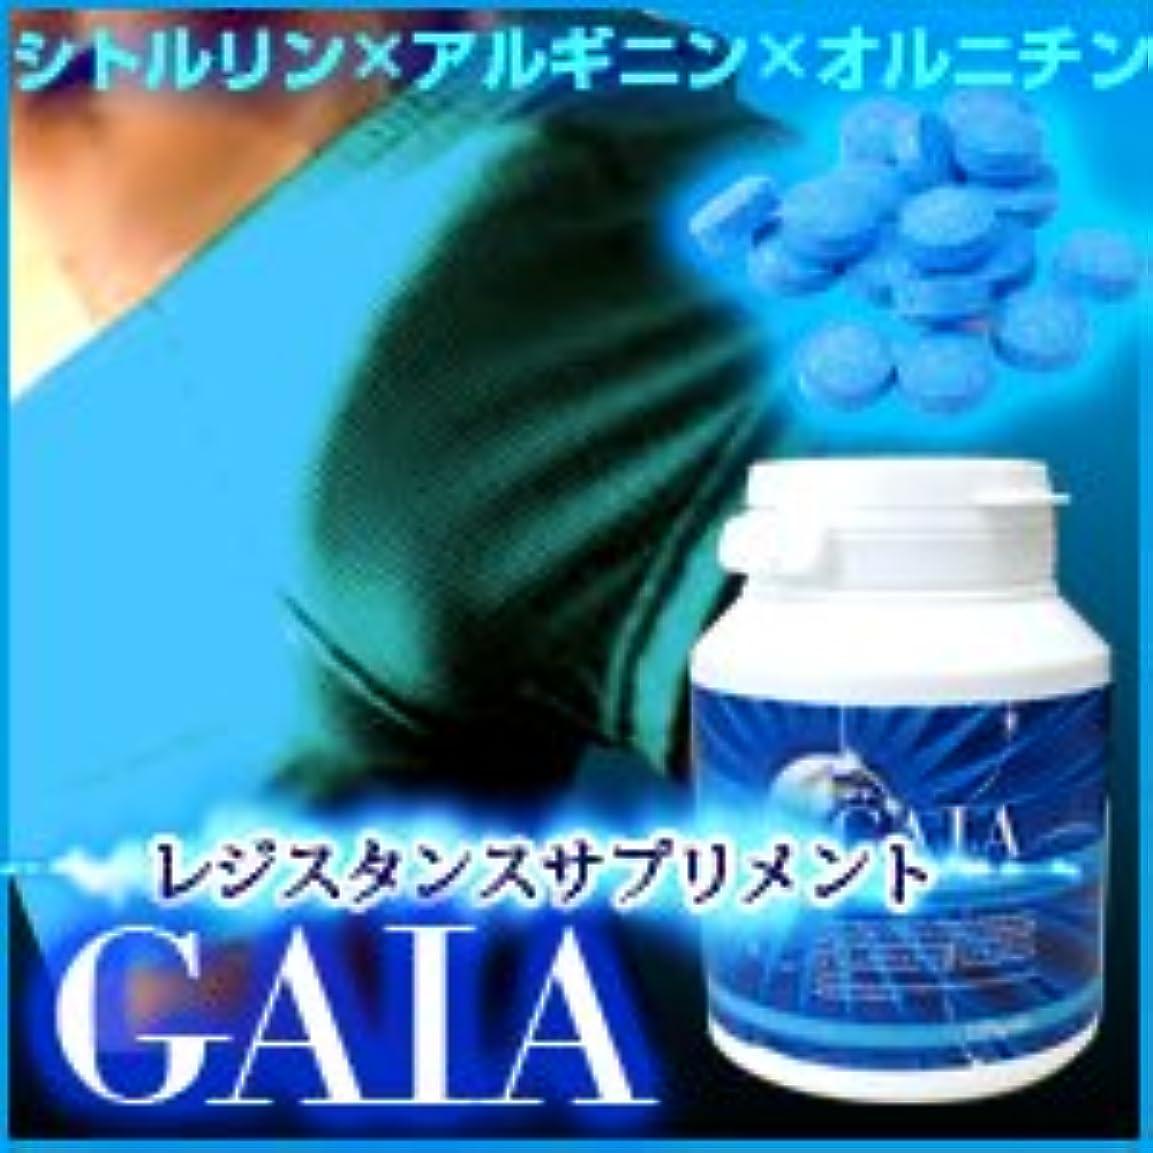 警戒採用革新ガイア (GAIA) 120粒 2個セット ※シトルリン×アルギニン×オルニチンのアミノ酸ローテーション!